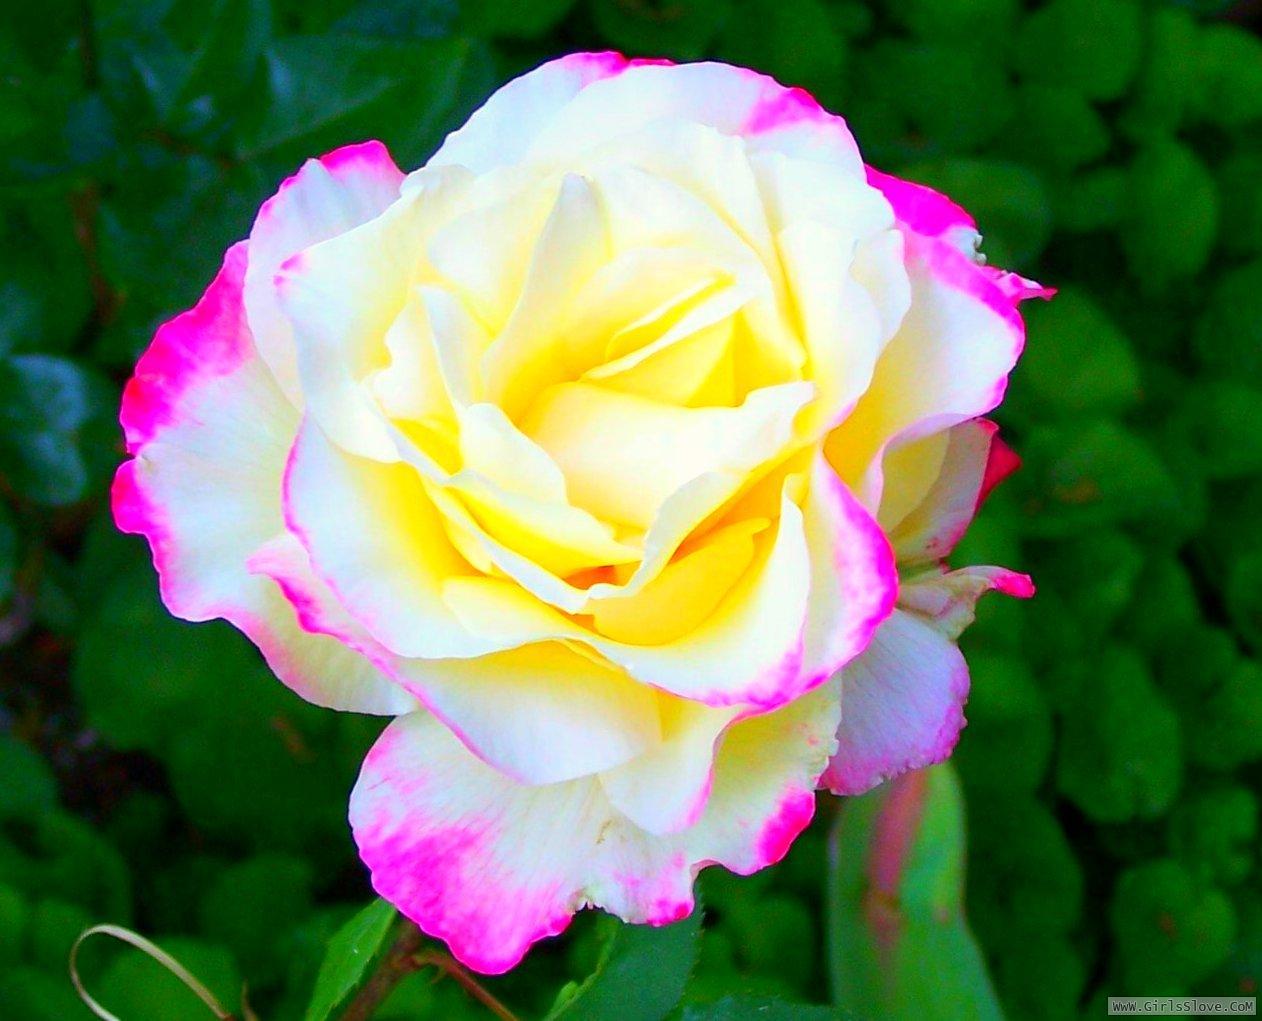 photolovegirl.com13707870043410.jpg